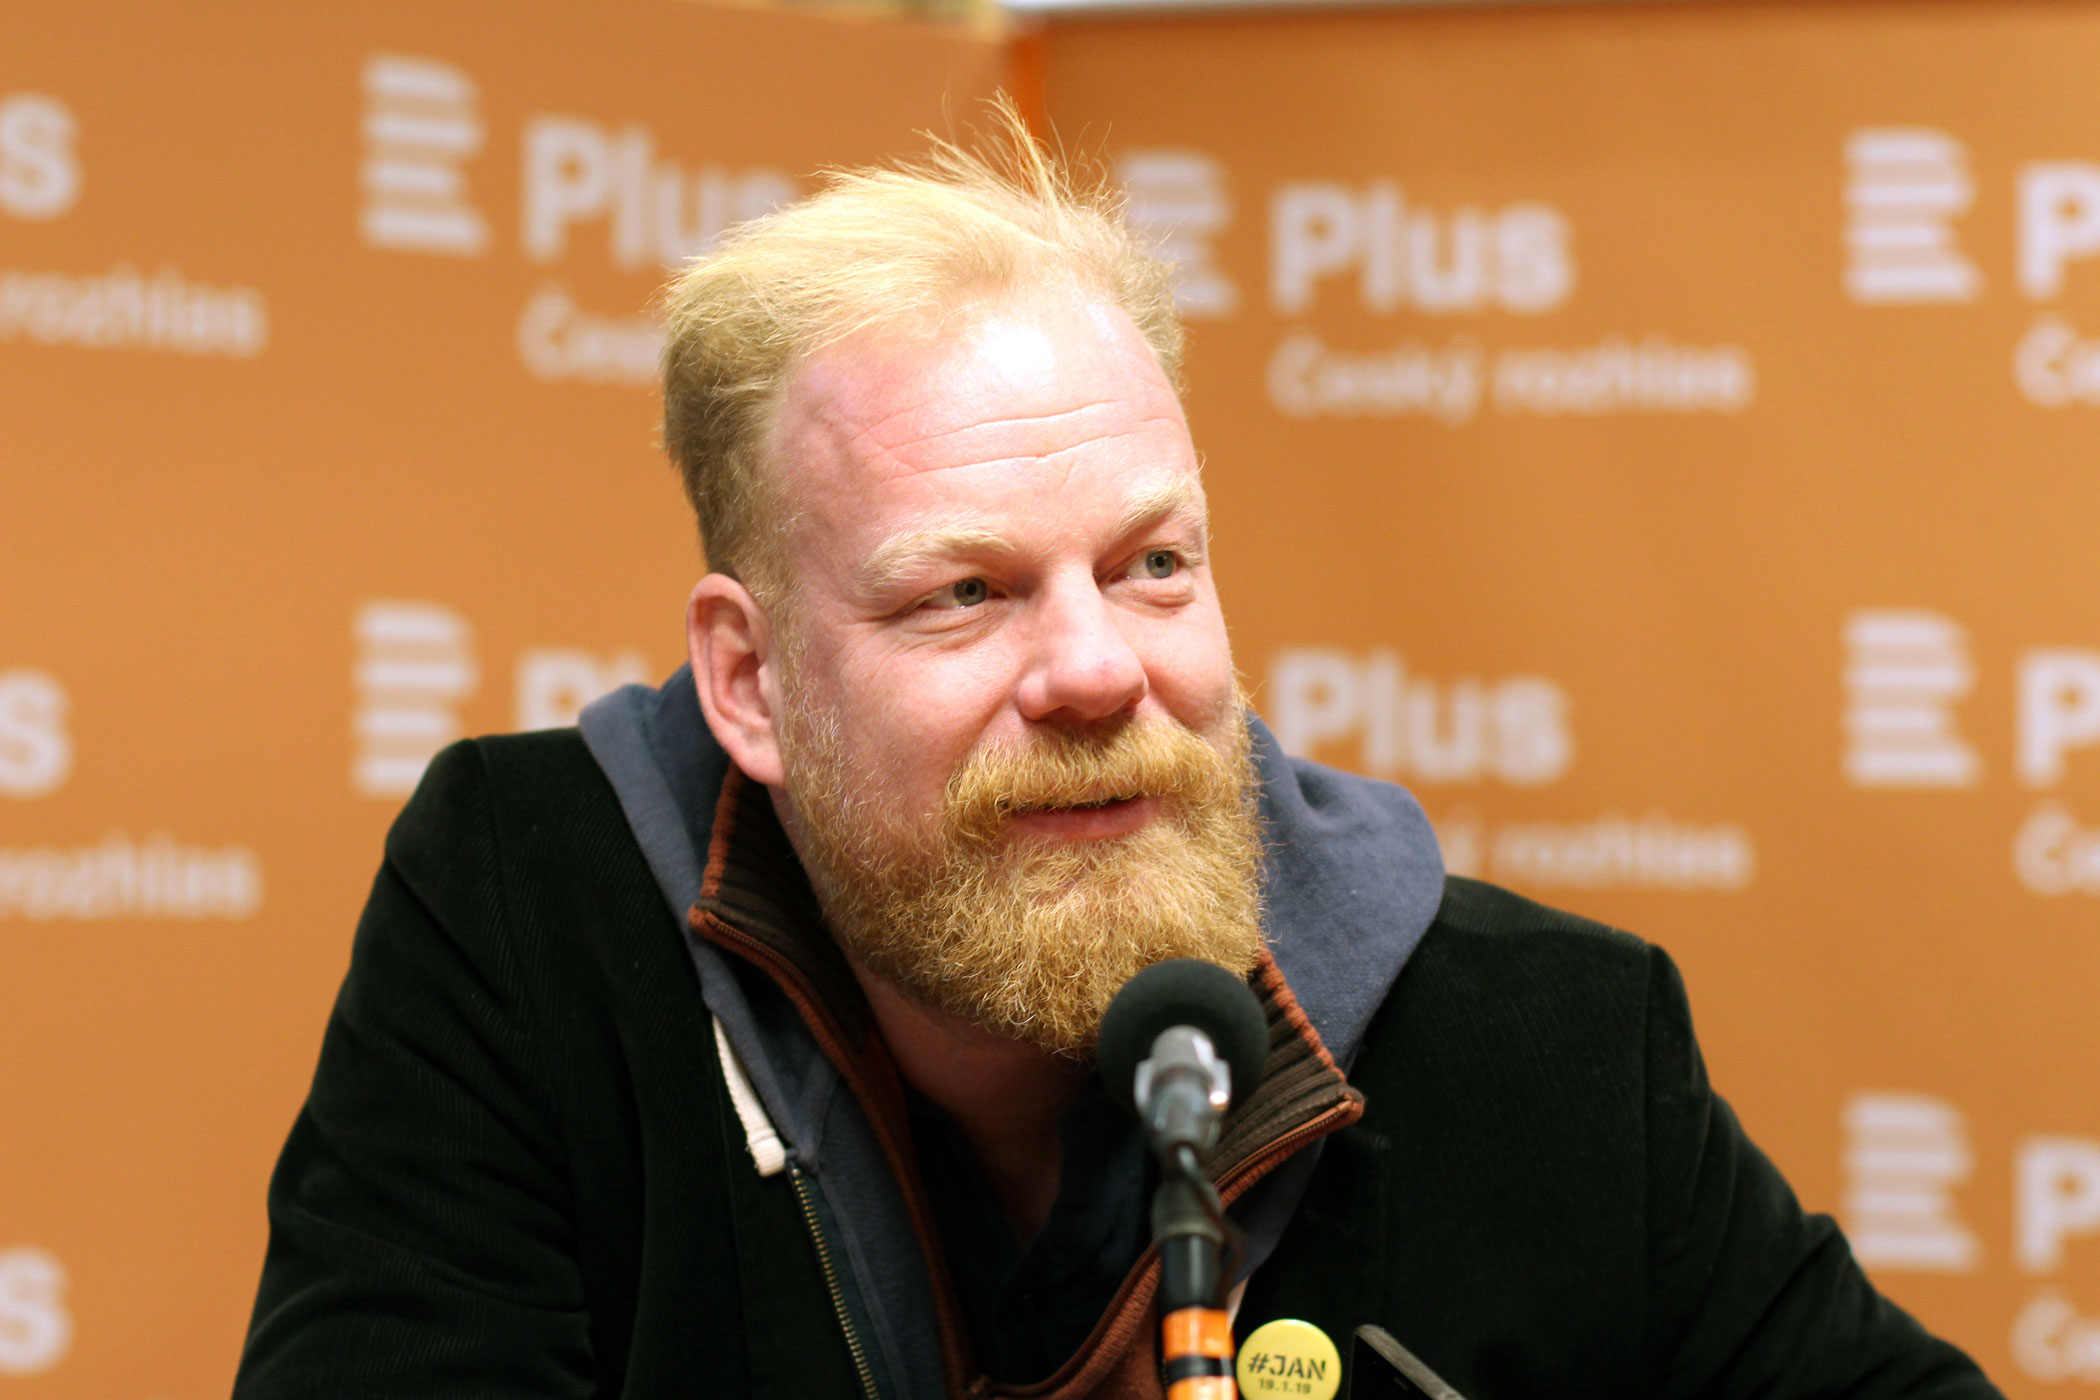 Ekonom Tomáš Sedláček ve studiu Radiožurnálu 2019